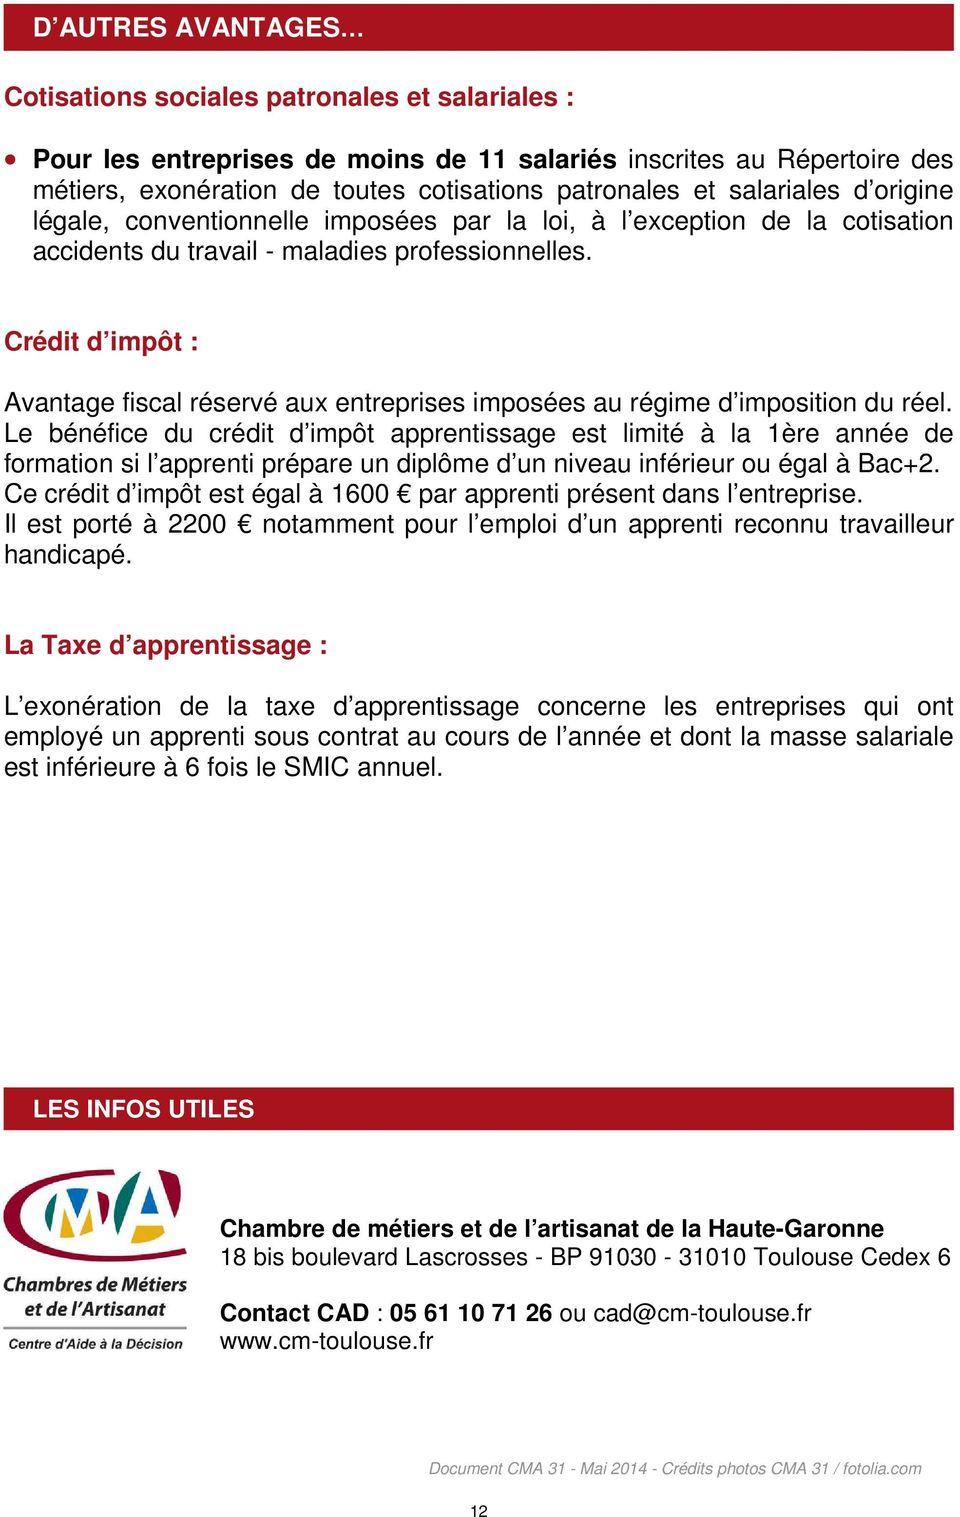 Chambre de métiers et de l artisanat de la Haute-Garonne ...